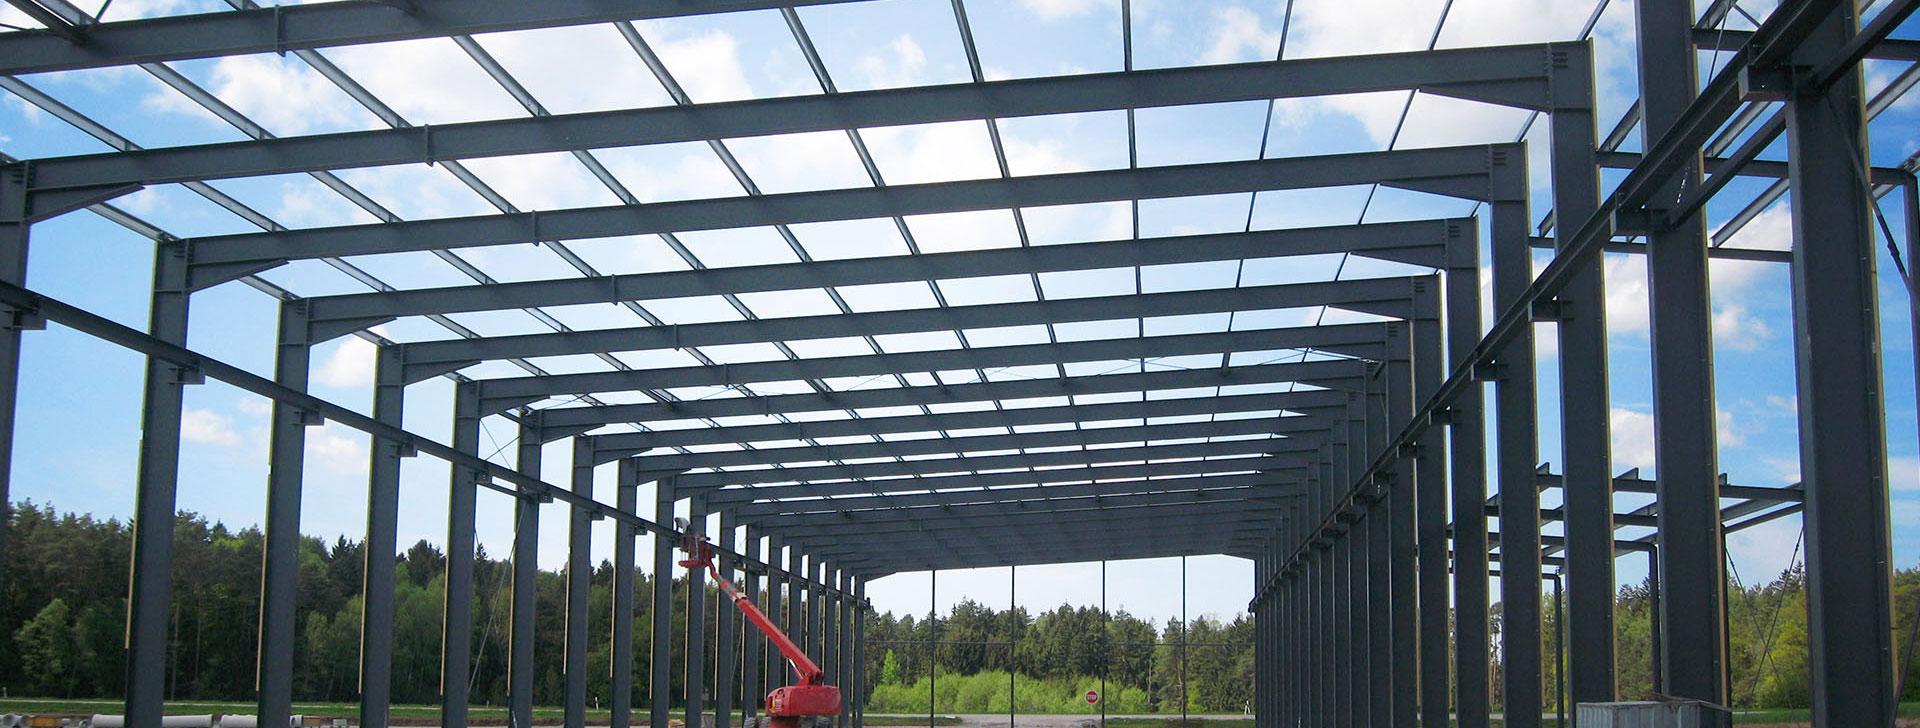 Stahlkonstruktionen f r den anlagen und messebau for Fachwerkrahmen stahl